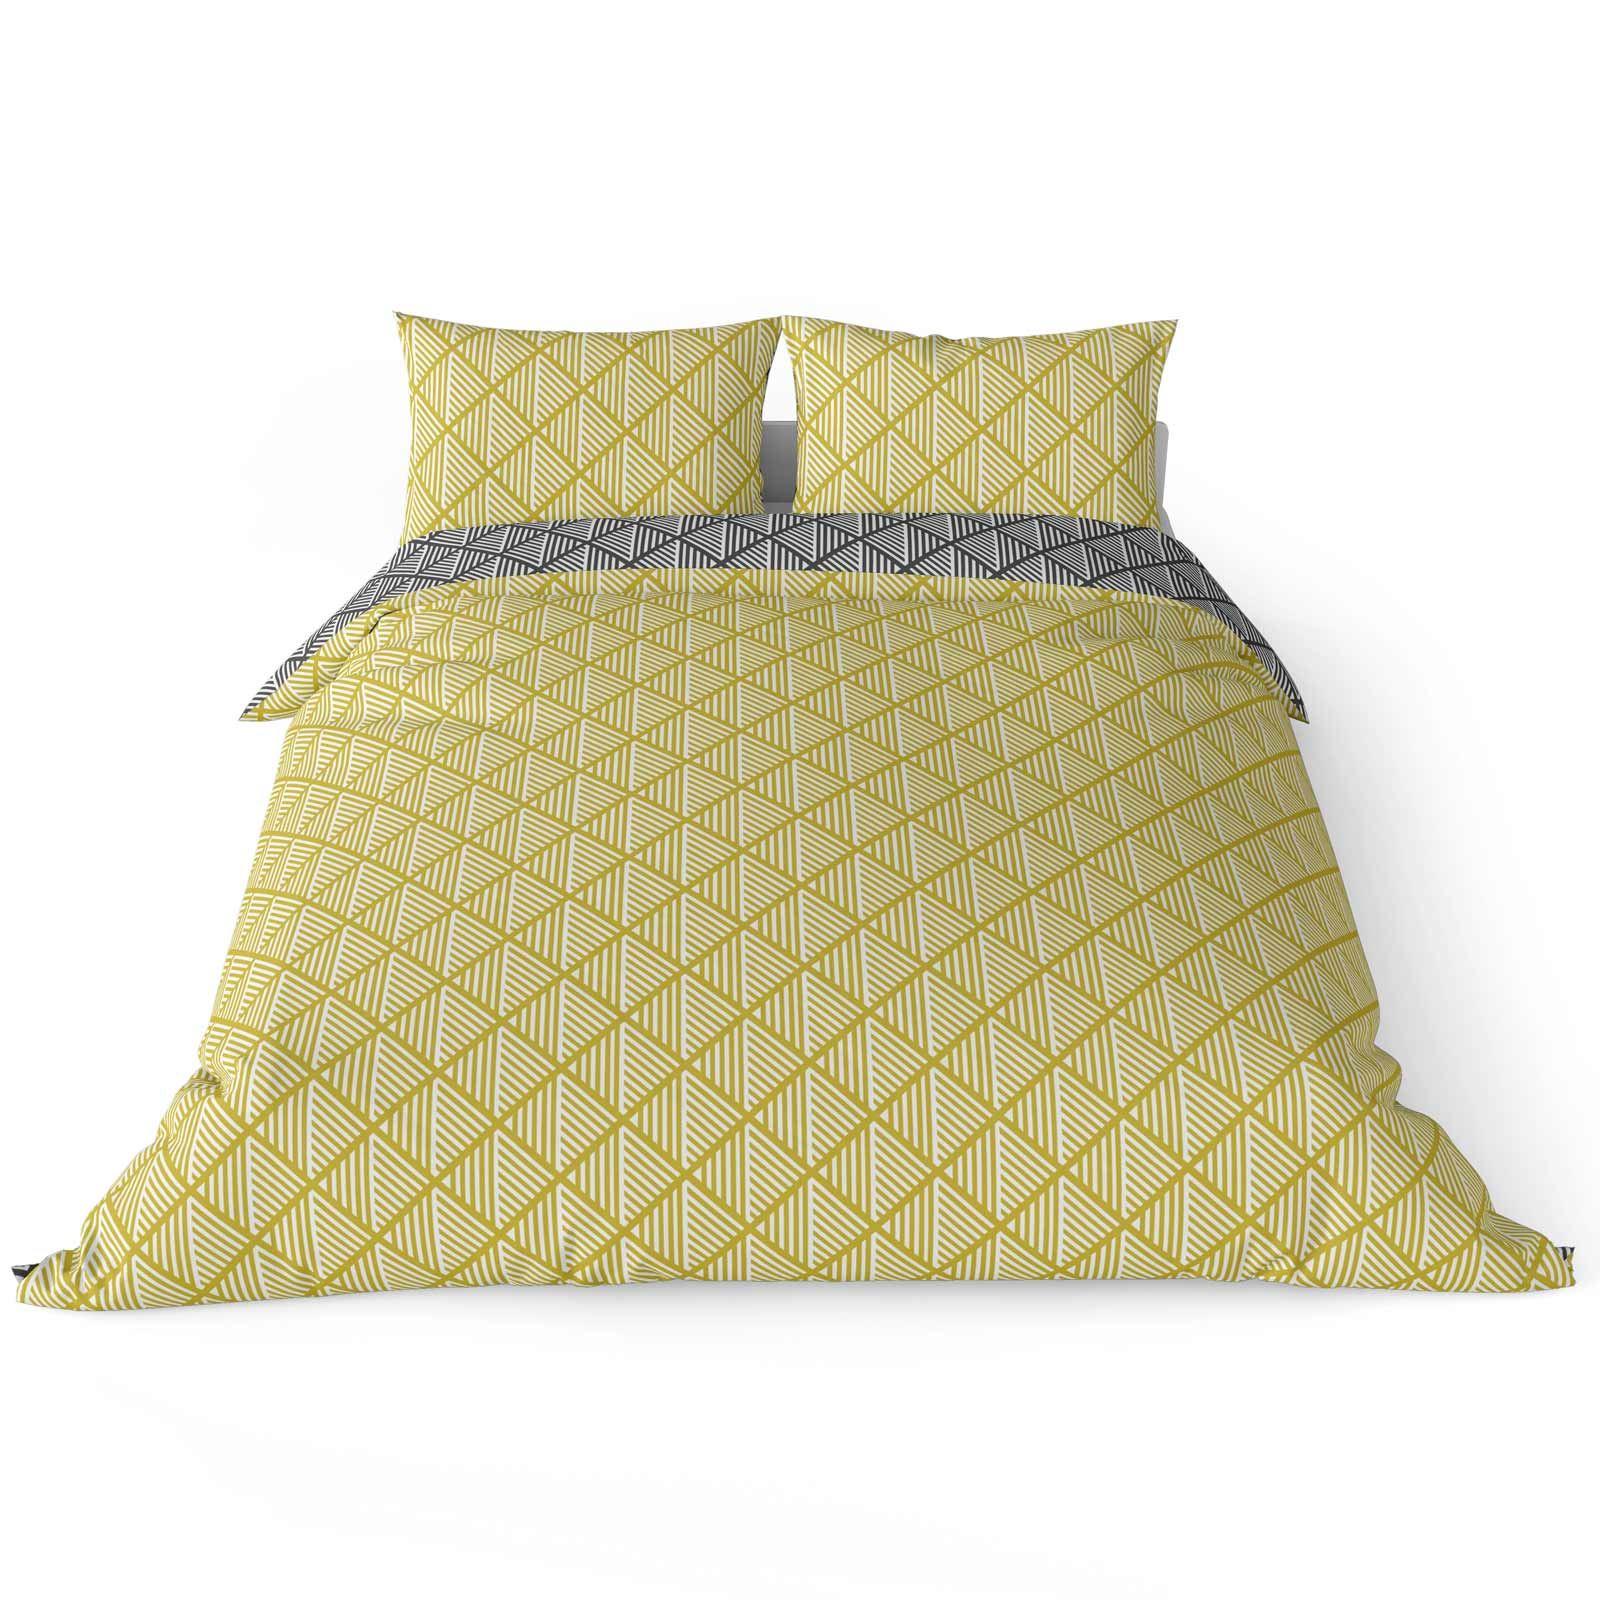 Mostaza-amarillo-ocre-Funda-de-edredon-impreso-Edredon-juego-ropa-de-cama-cubre-conjuntos miniatura 30